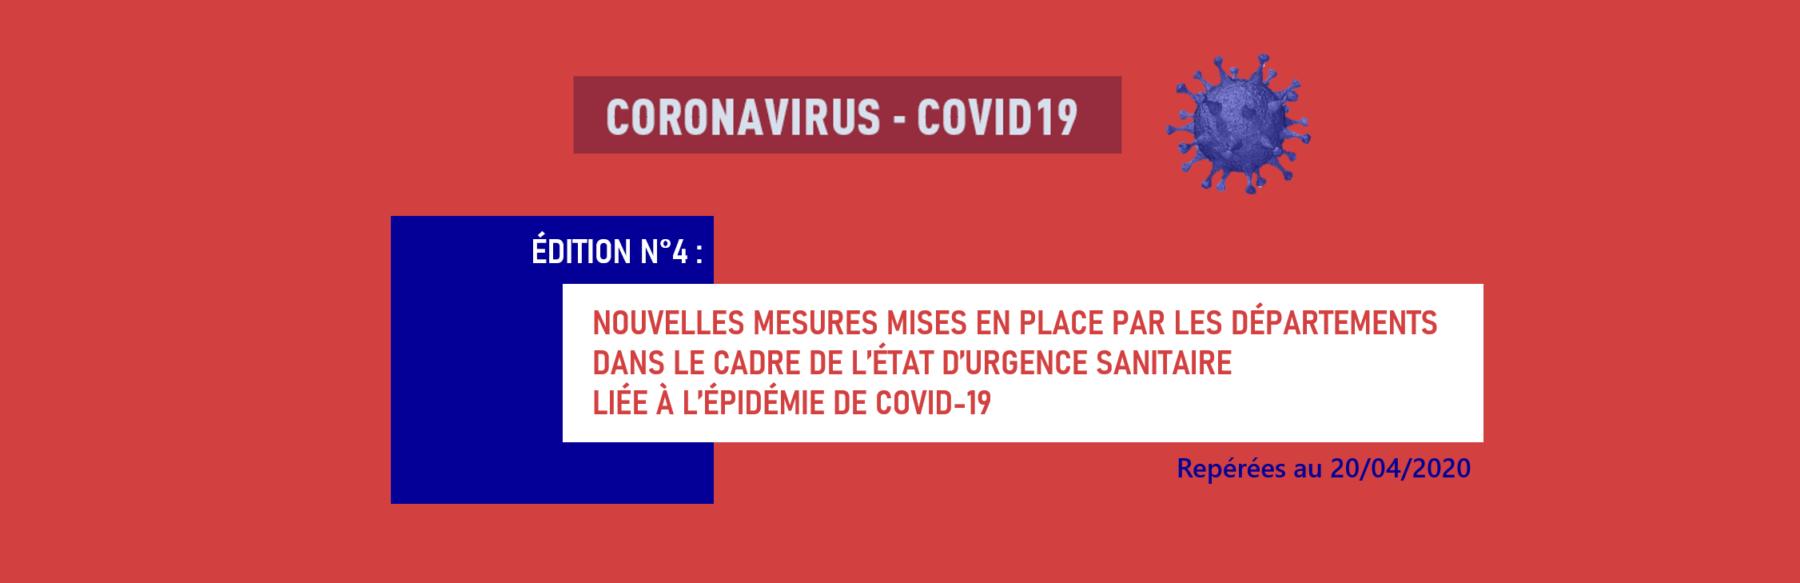 Edition n°4 : Les nouvelles mesures mises en place par les Départements dans le cadre de l'état d'urgence sanitaire liée à l'épidémie de covid-19